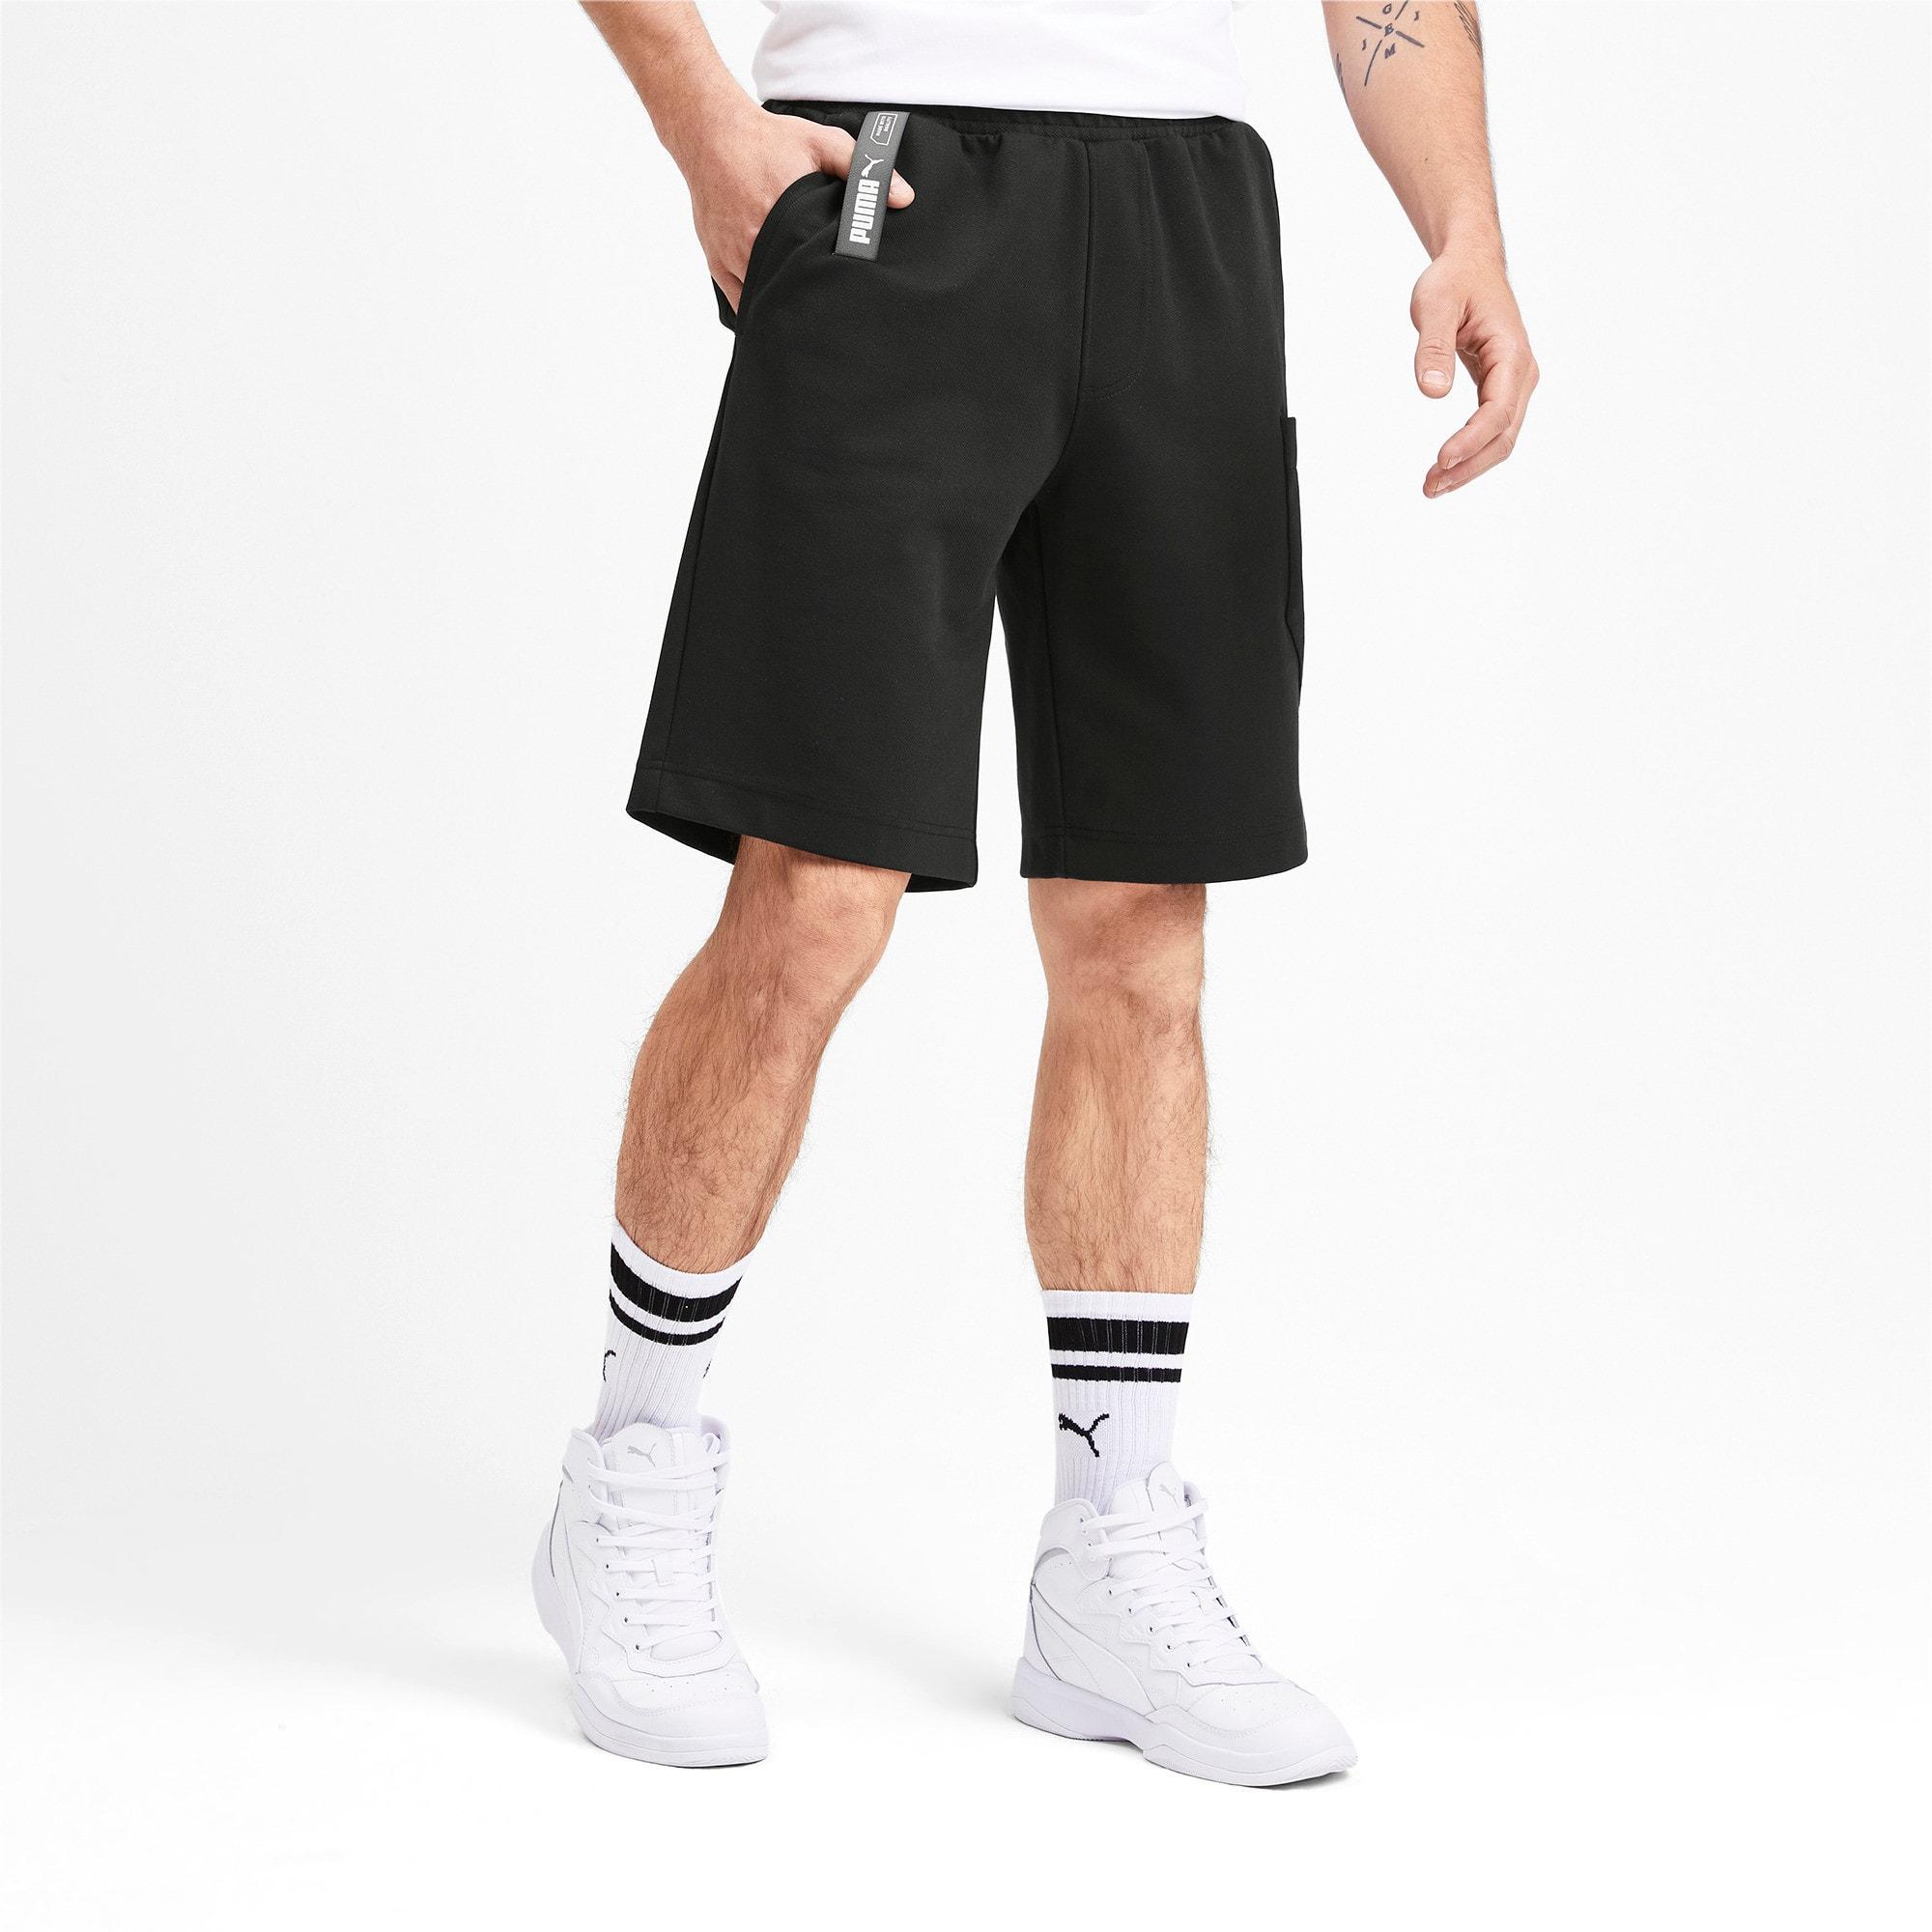 Miniatura 1 de Shorts NU-TILITY para hombre, Puma Black, mediano